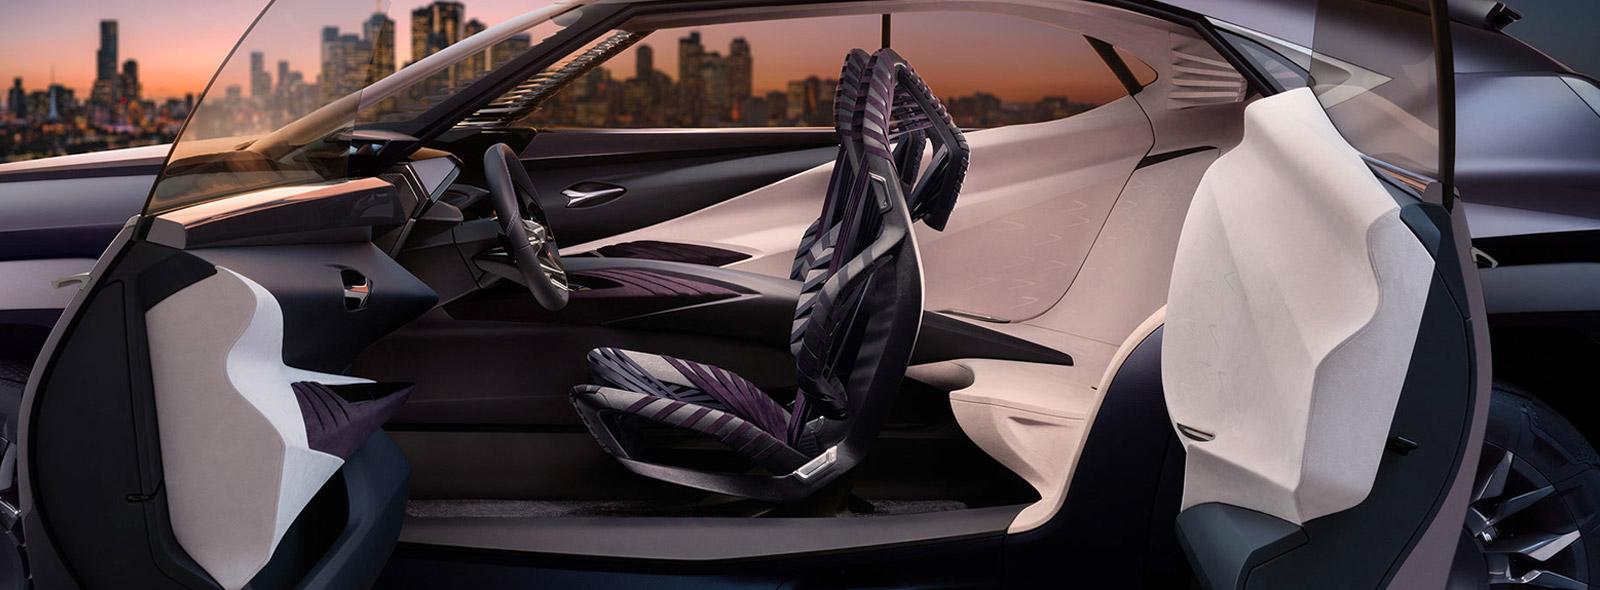 Lexus UX Կոնցեպտի ներքին հարդարանքը